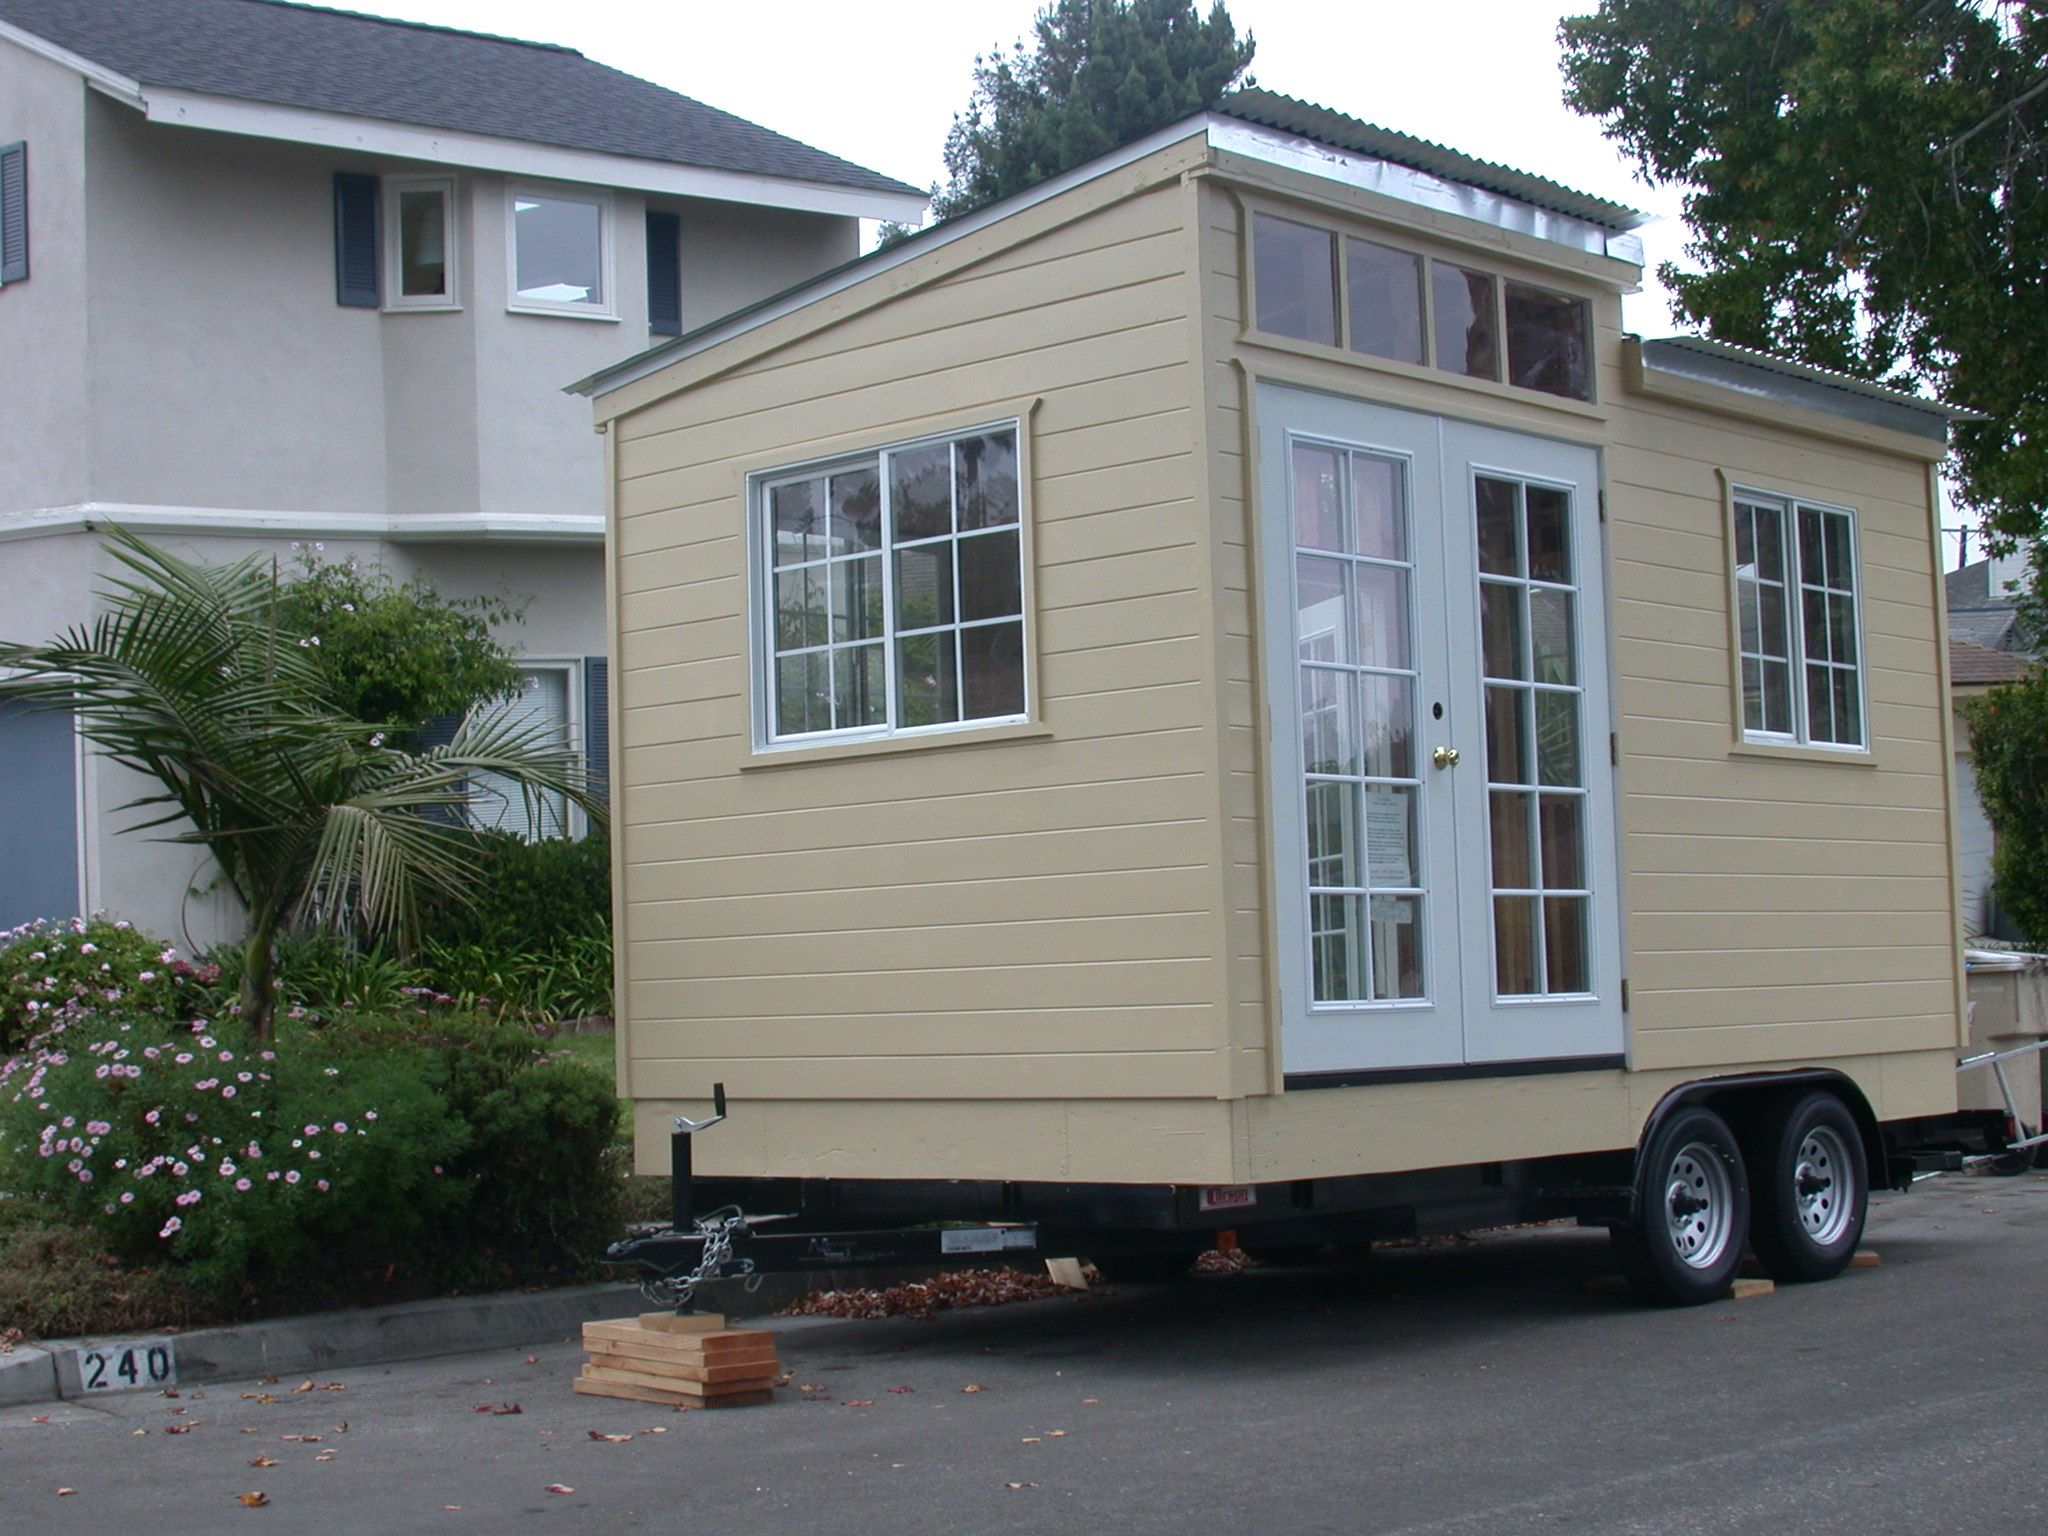 Cabin W2 | Teeny Tiny Homes | Pinterest | Cabin and Tiny houses